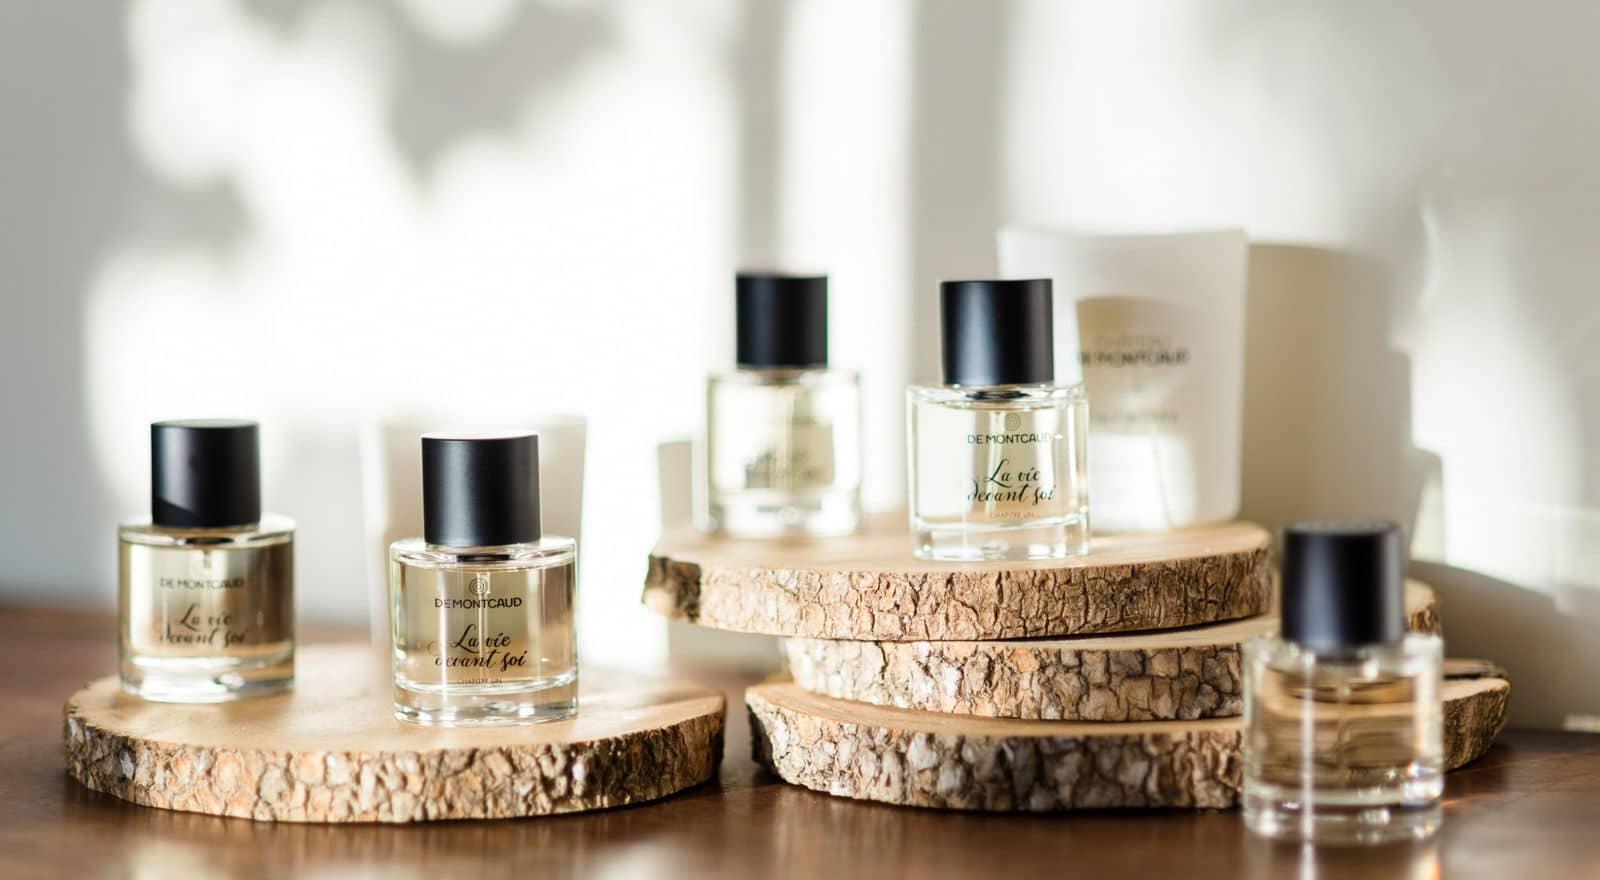 Hauseigenes Parfüm: La vie devant soi